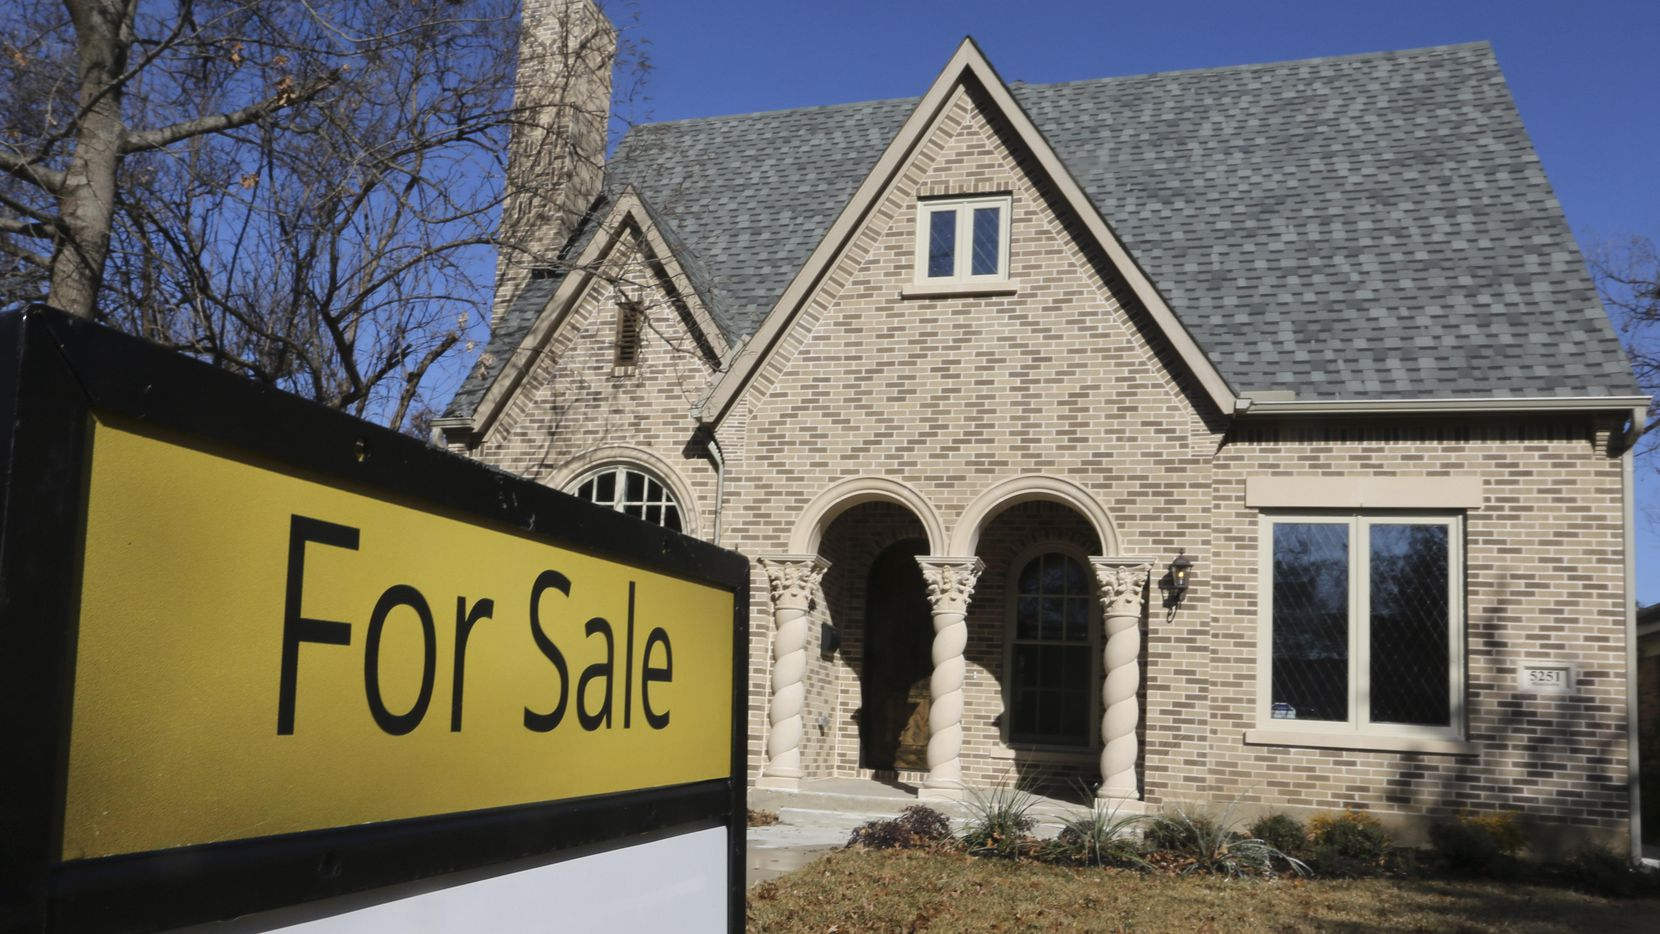 Una casa a la venta en las M Streets de Dallas. (DMN/RON BASELICE)